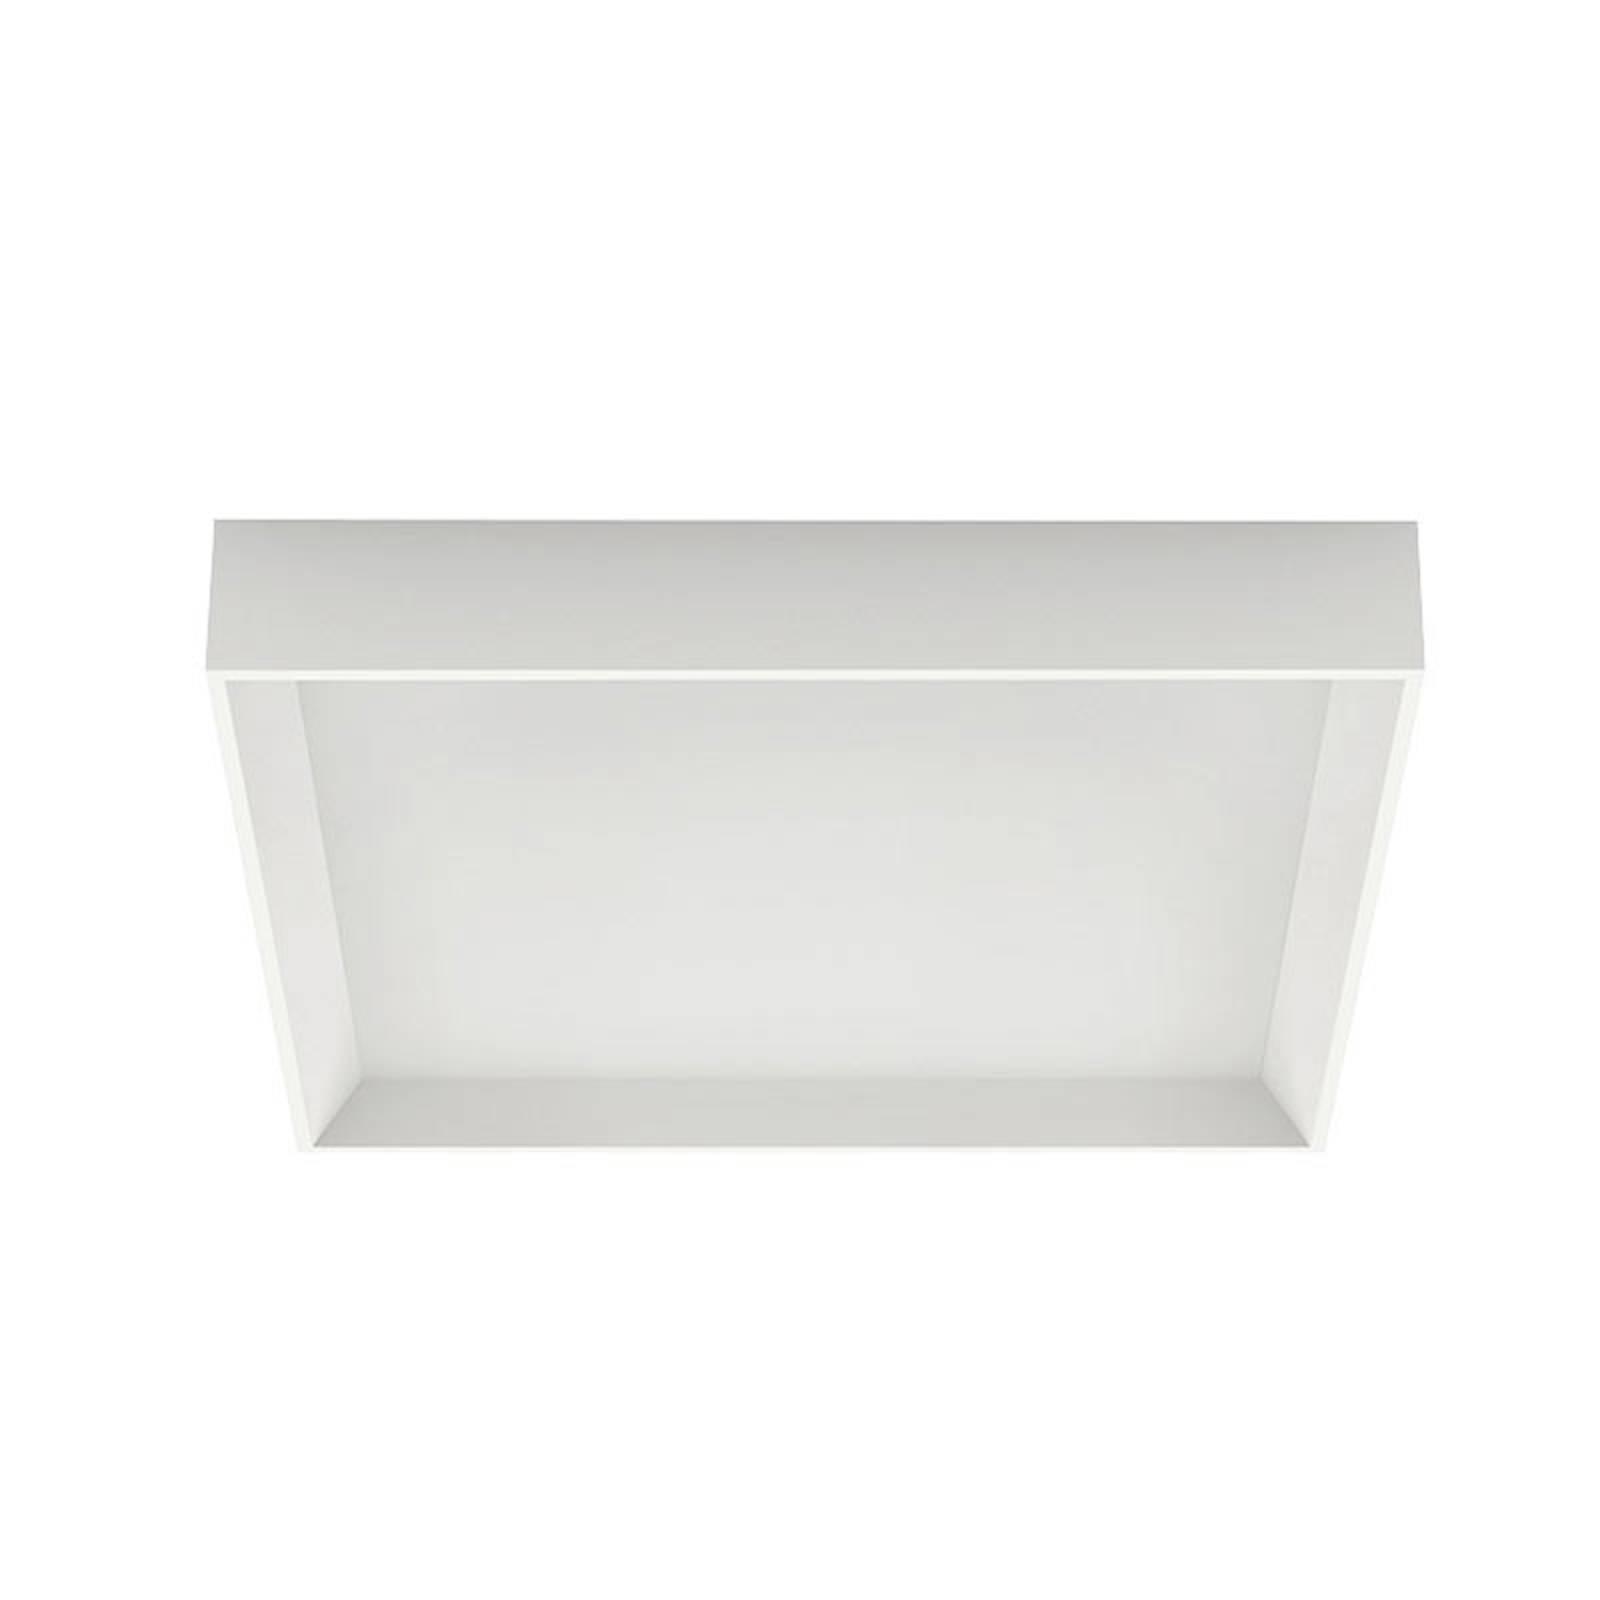 LED plafondlamp Tara Q, hoekig, 40 x 40 cm